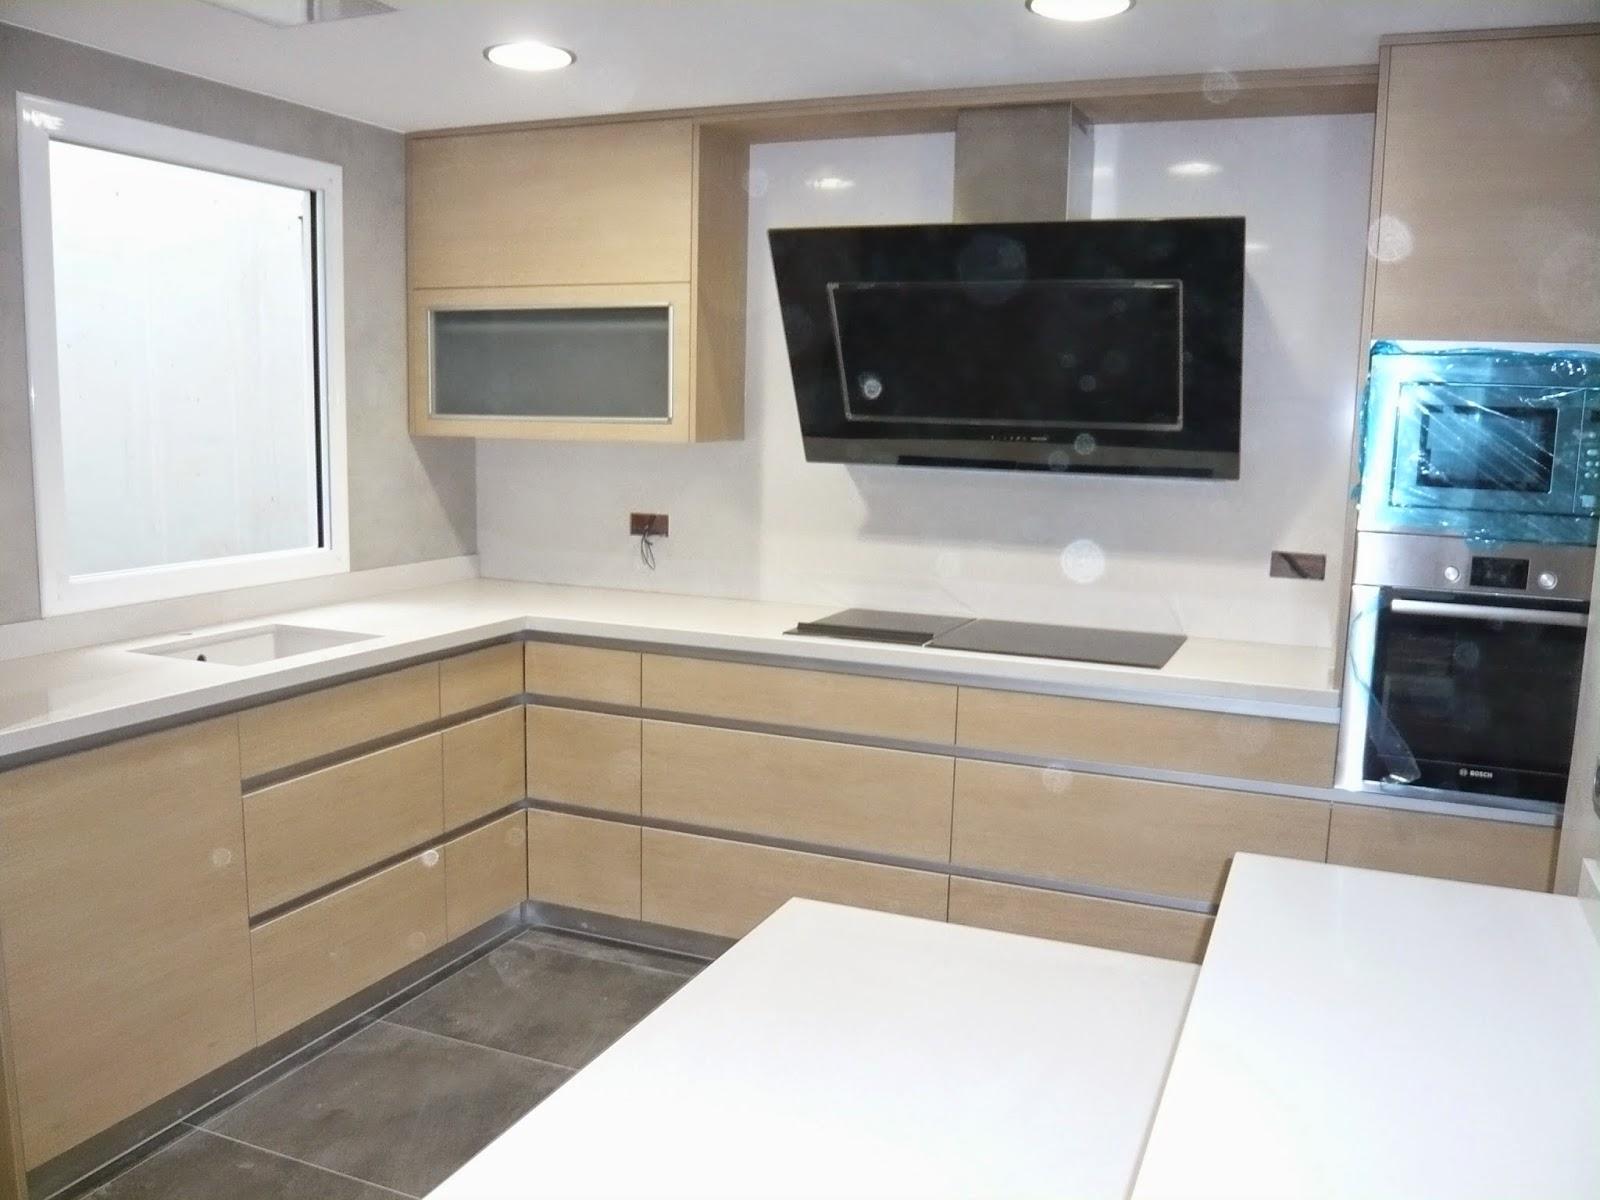 Reuscuina muebles de cocina sin tiradores gola for Tiradores para muebles de cocina